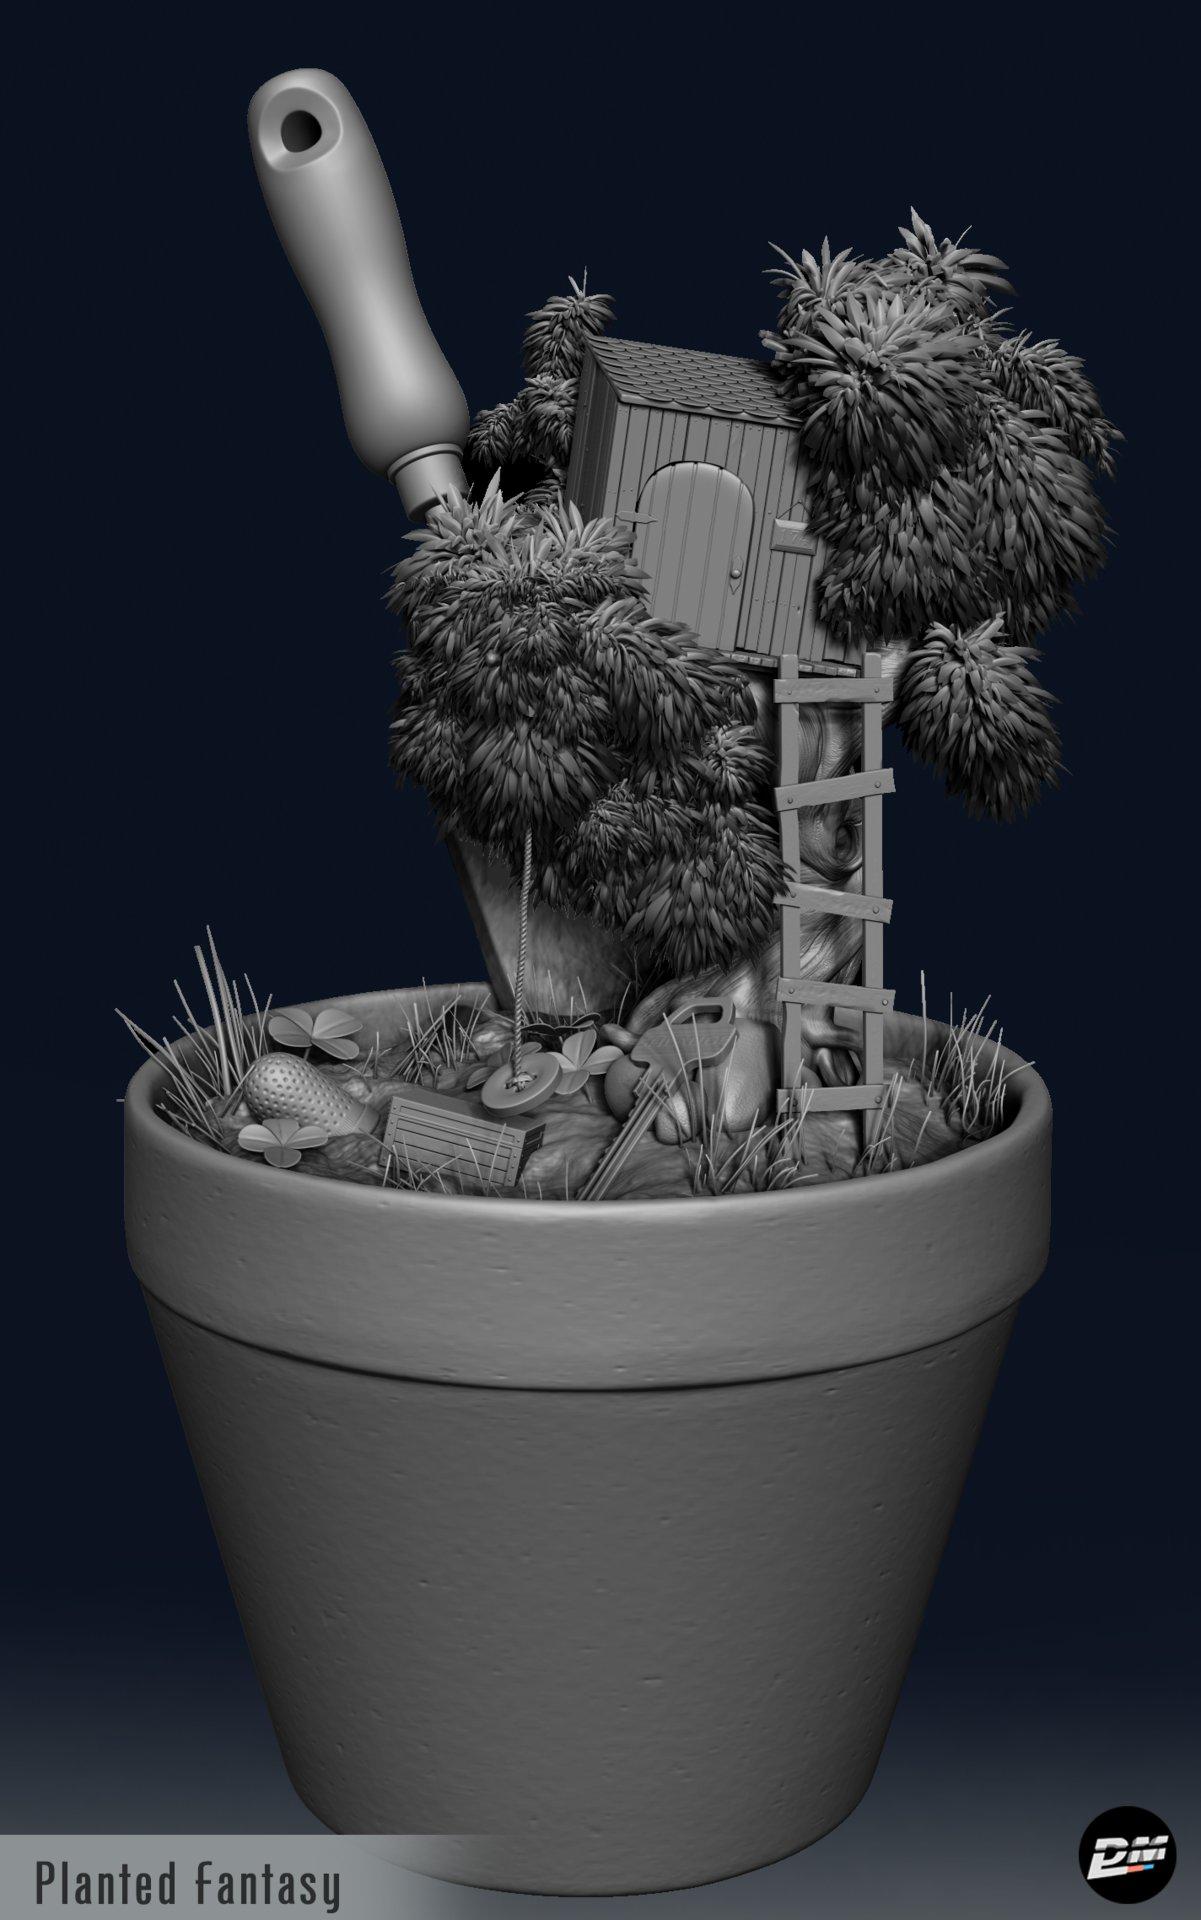 Derek malone clay